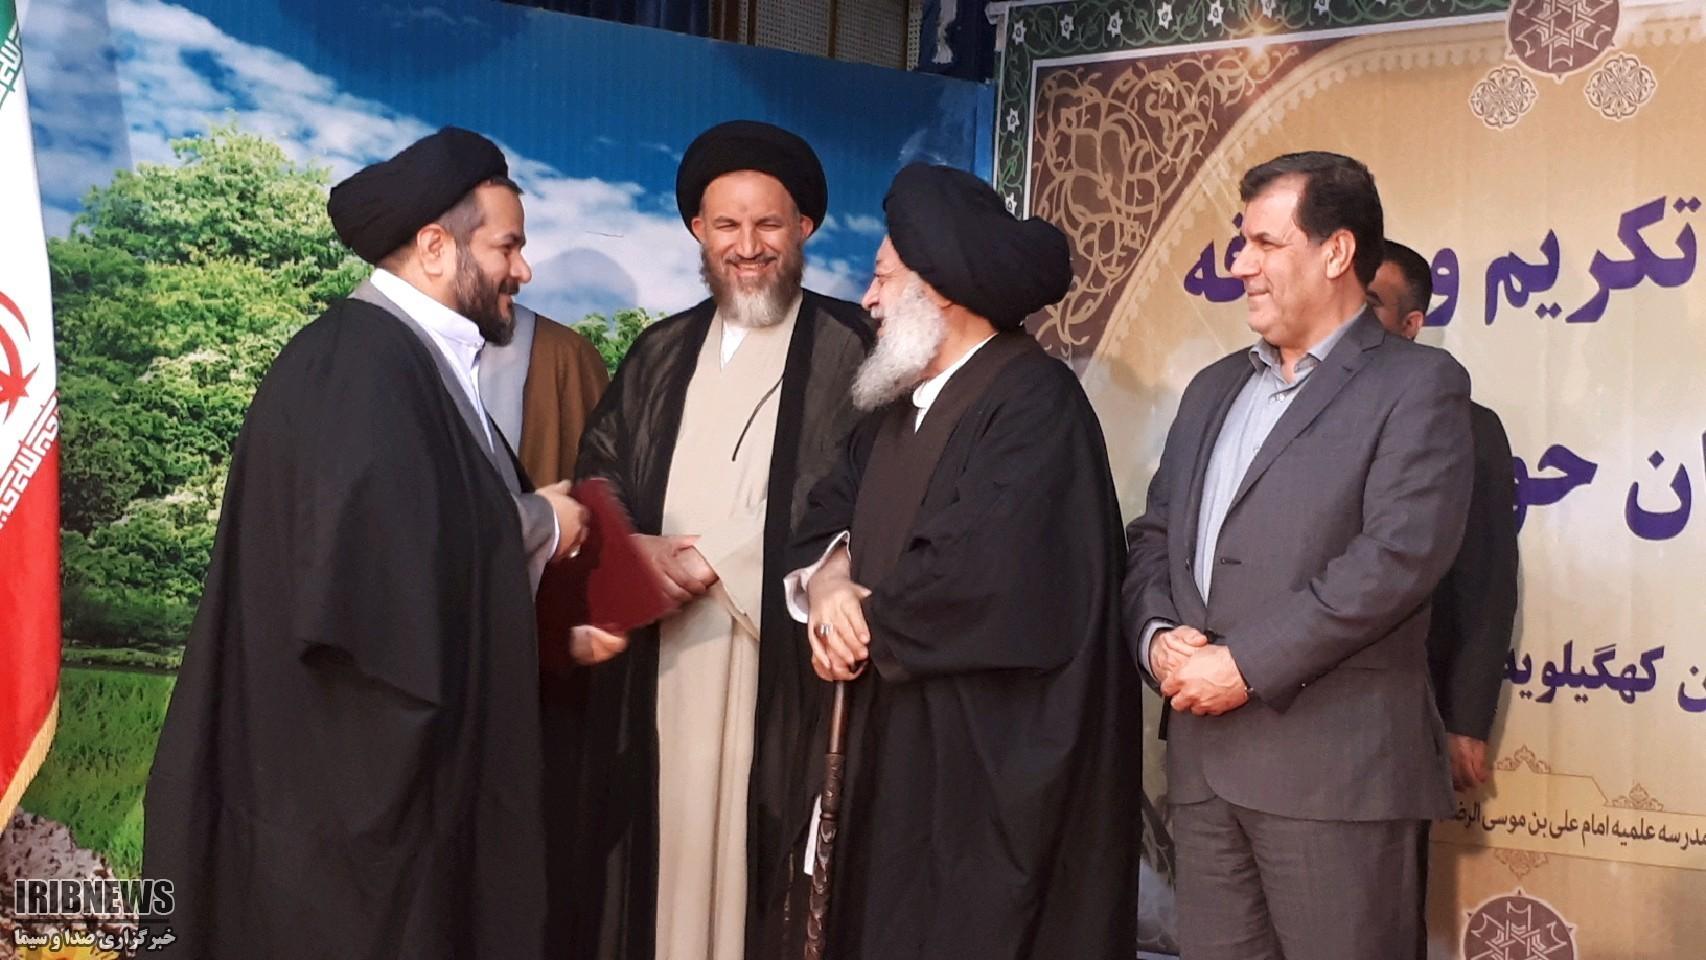 بیانات در مراسم تودیع و معارفه مدیر حوزه علمیه کهگیلویه و بویراحمد